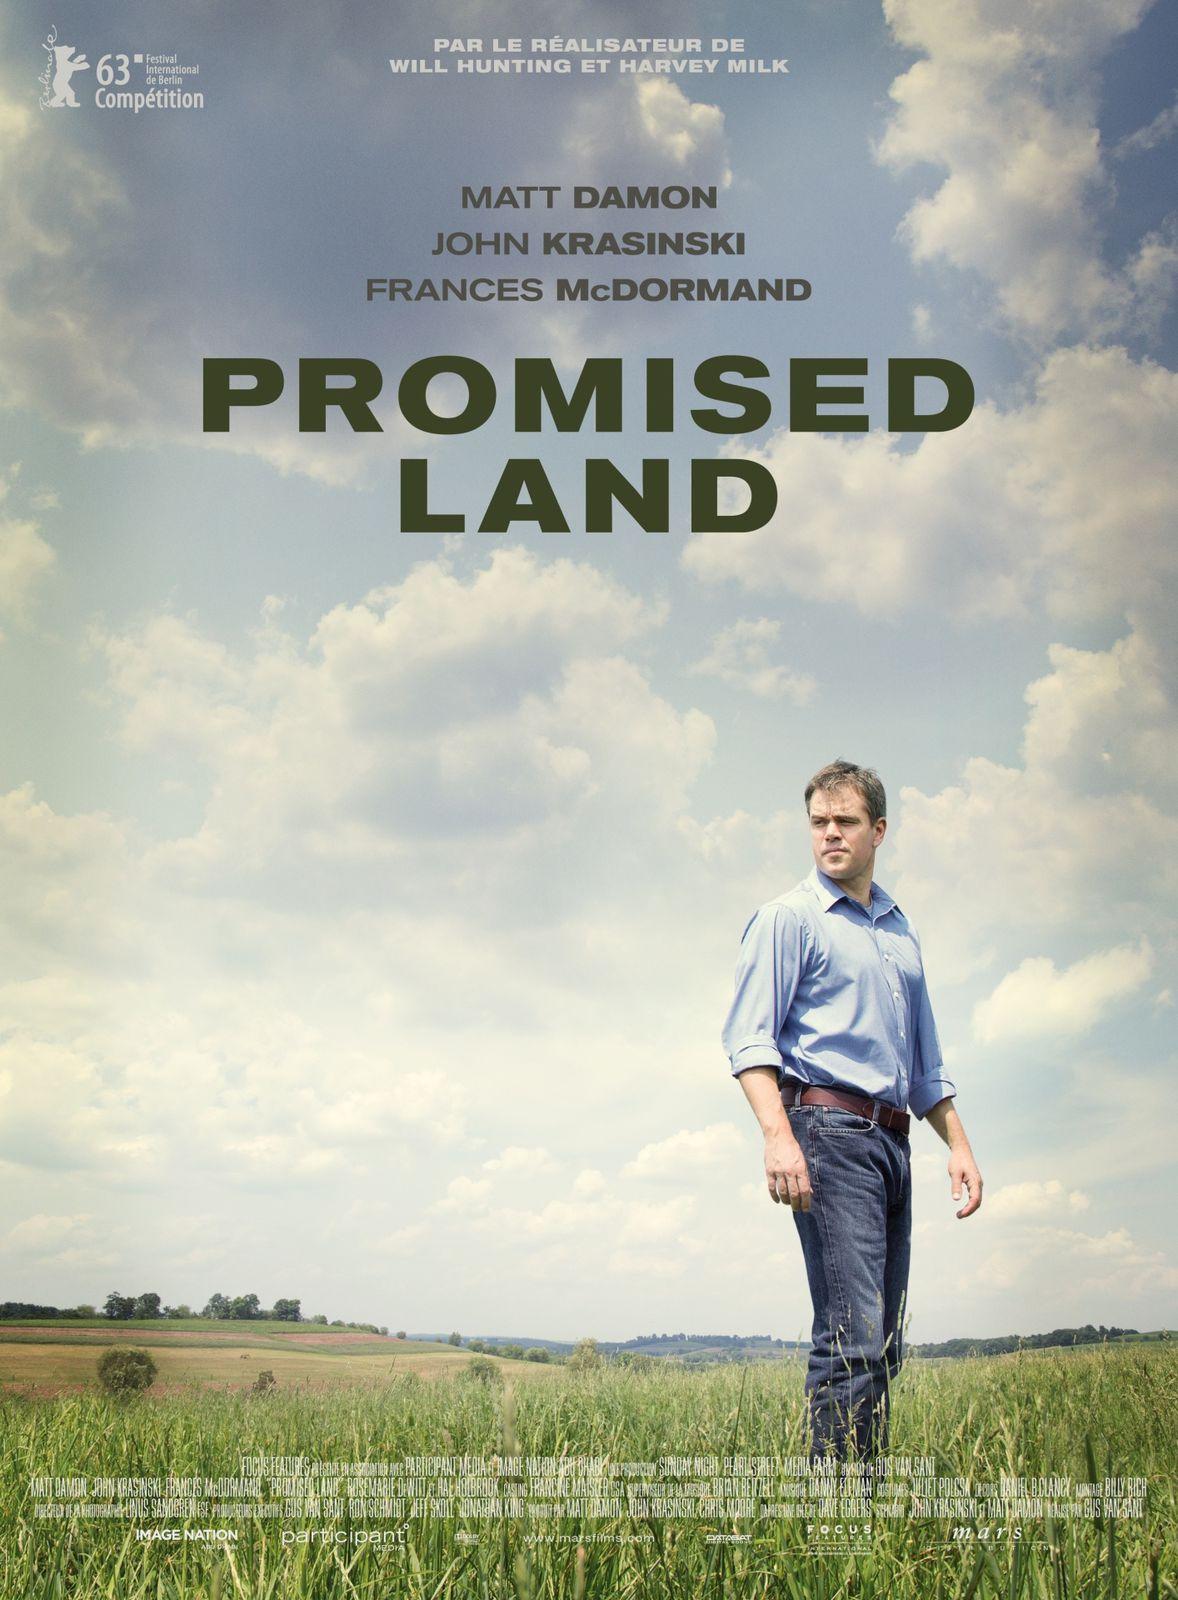 [Concours - terminé] 5x2 places pour Promised Land